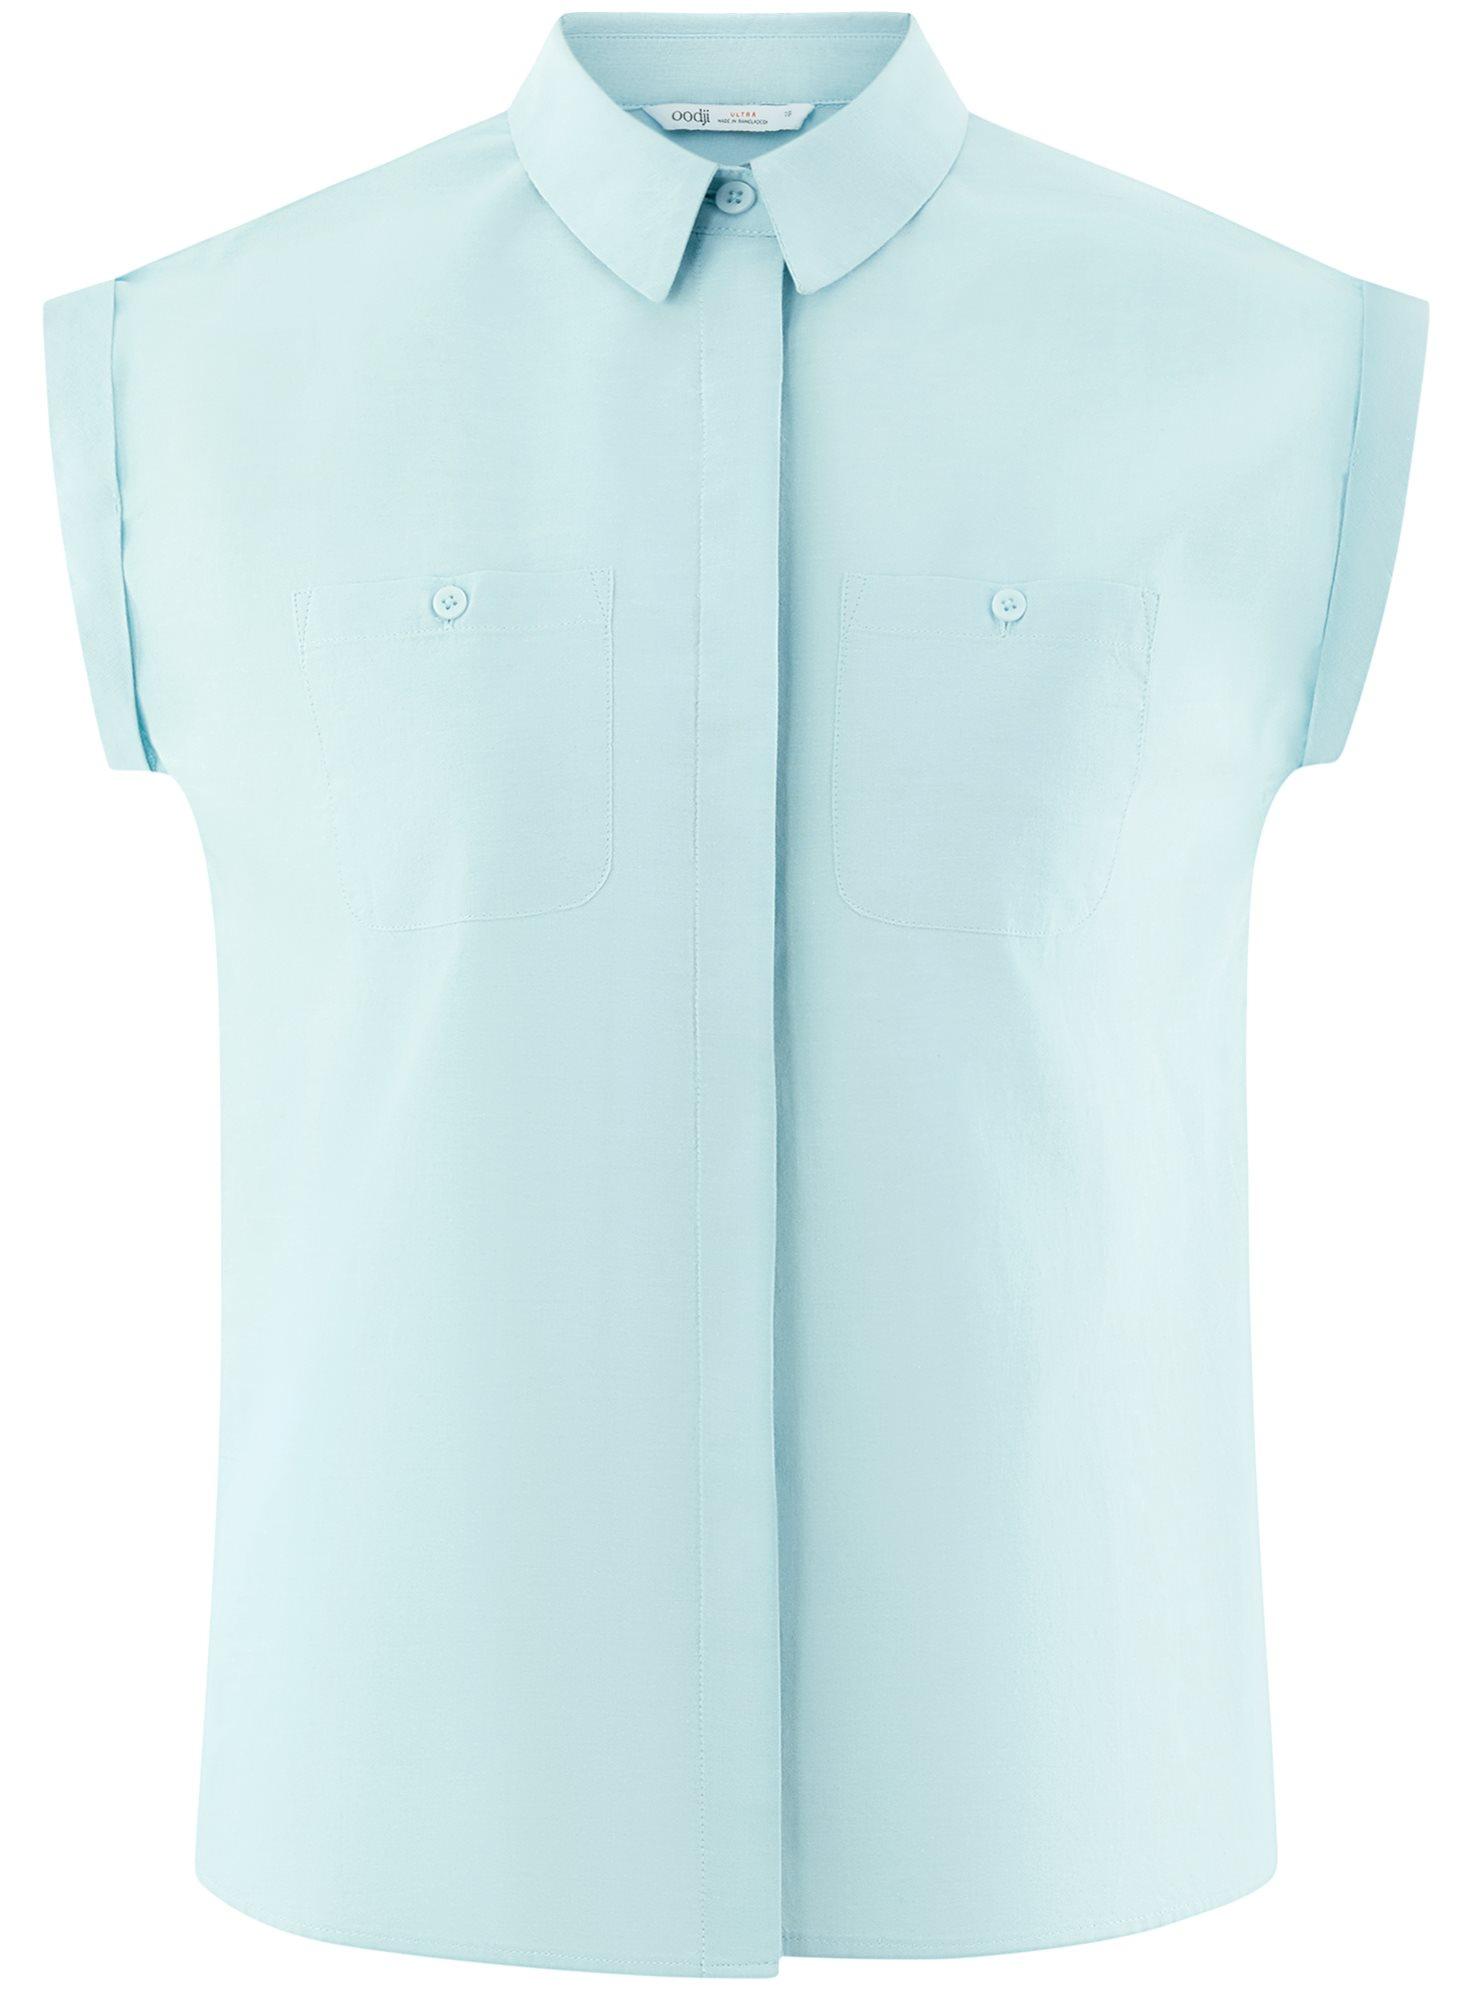 Рубашка хлопковая с нагрудными карманами oodji для женщины (бирюзовый), 13L11008/47730/6500N